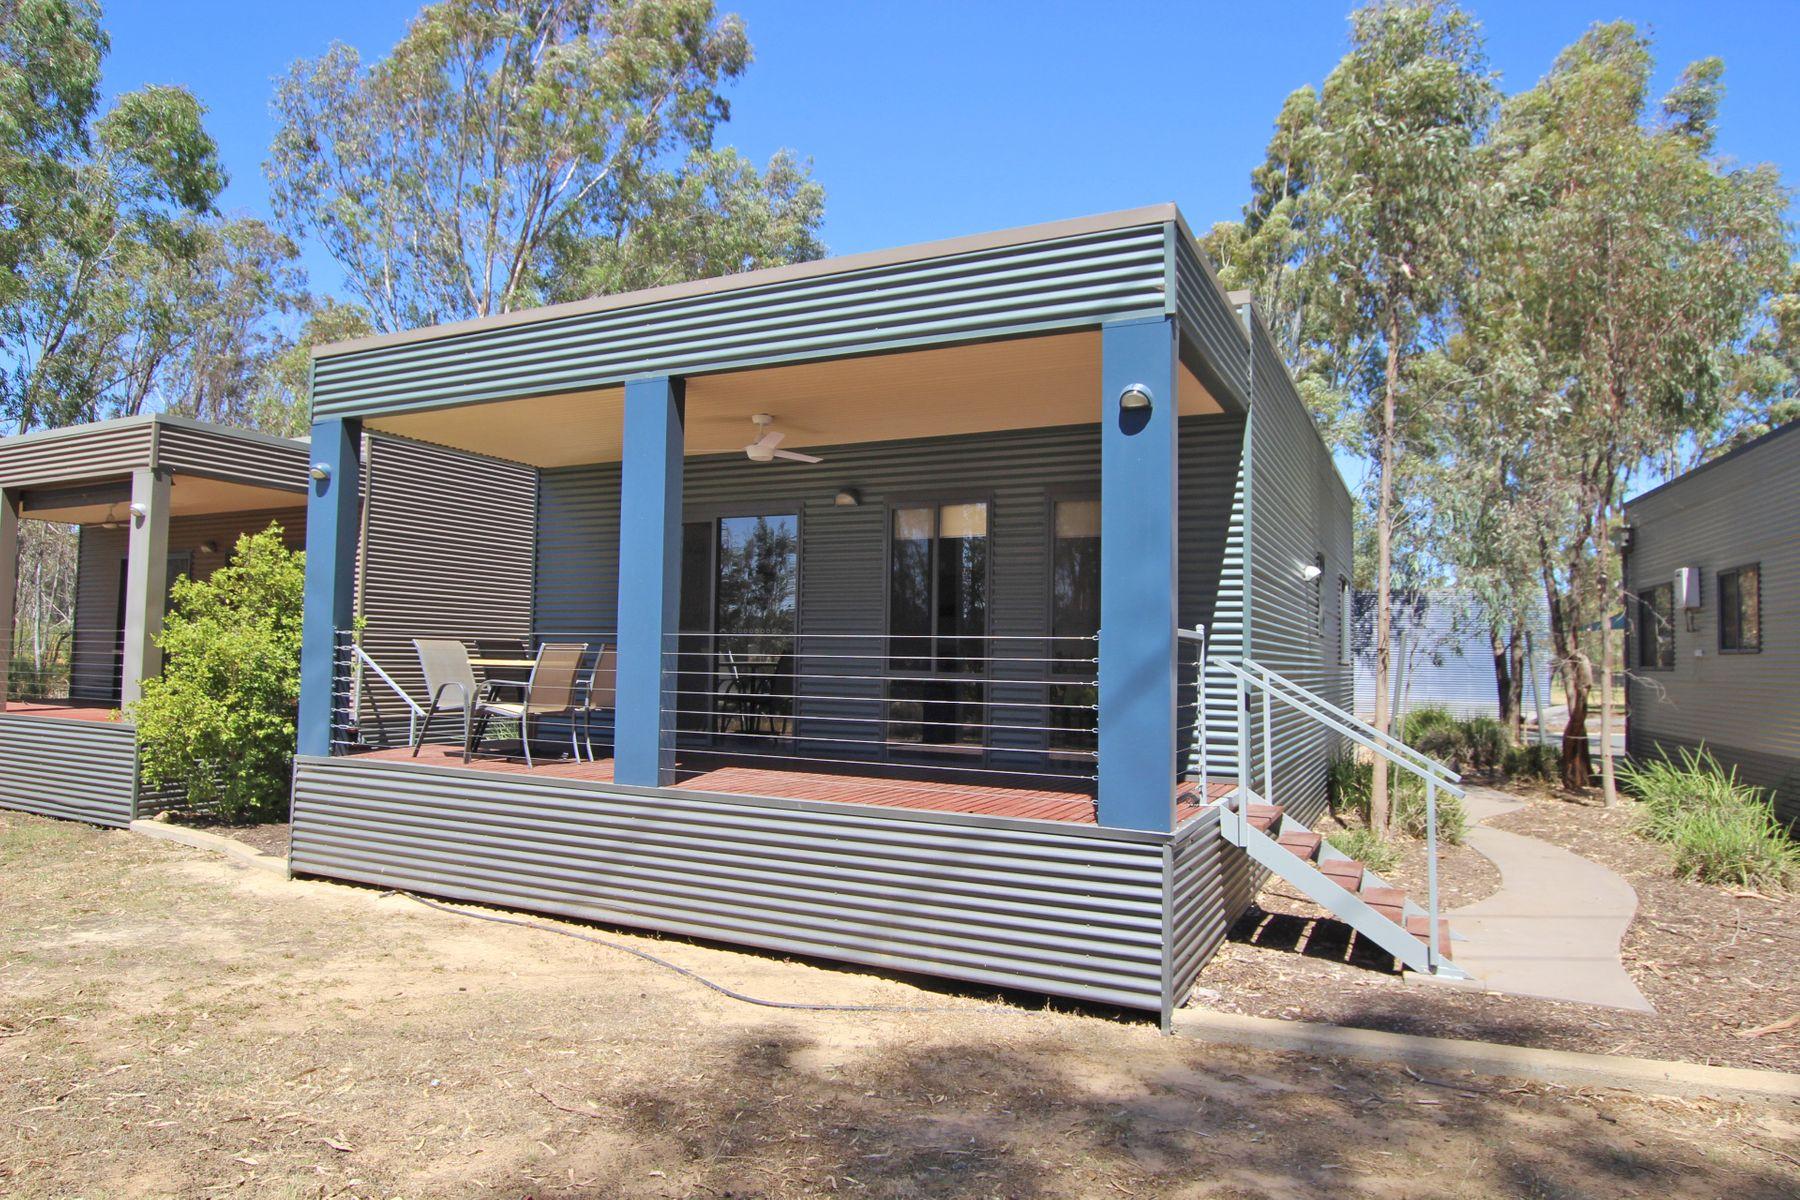 34/69 Dungala Way, Moama, NSW 2731